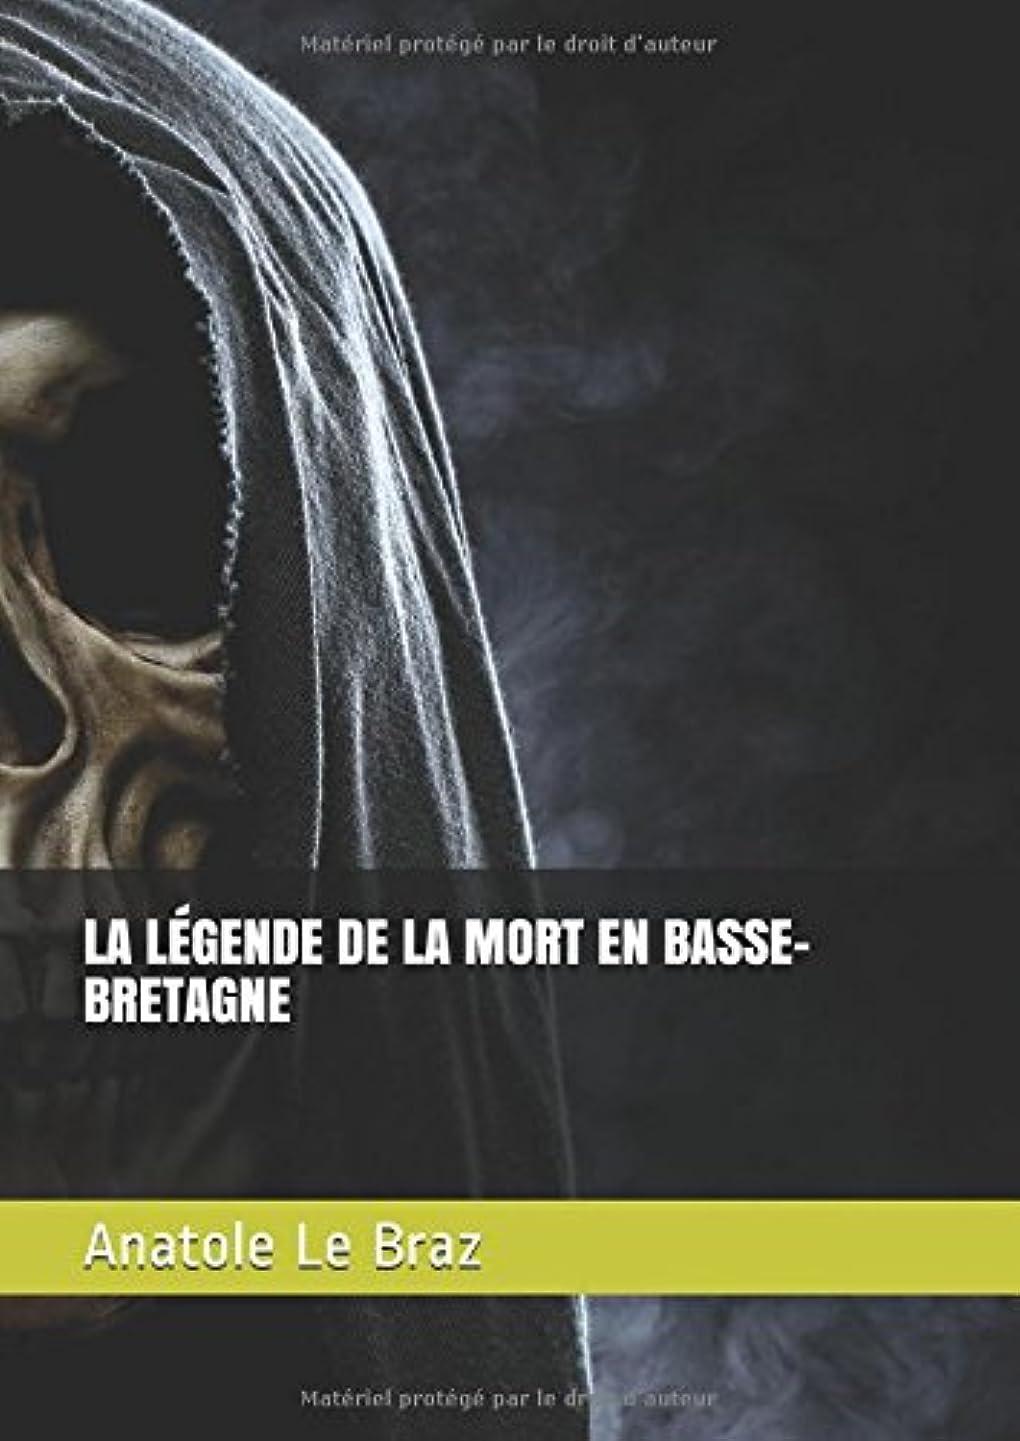 休日に葉巻想定LA LéGENDE DE LA MORT EN BASSE-BRETAGNE